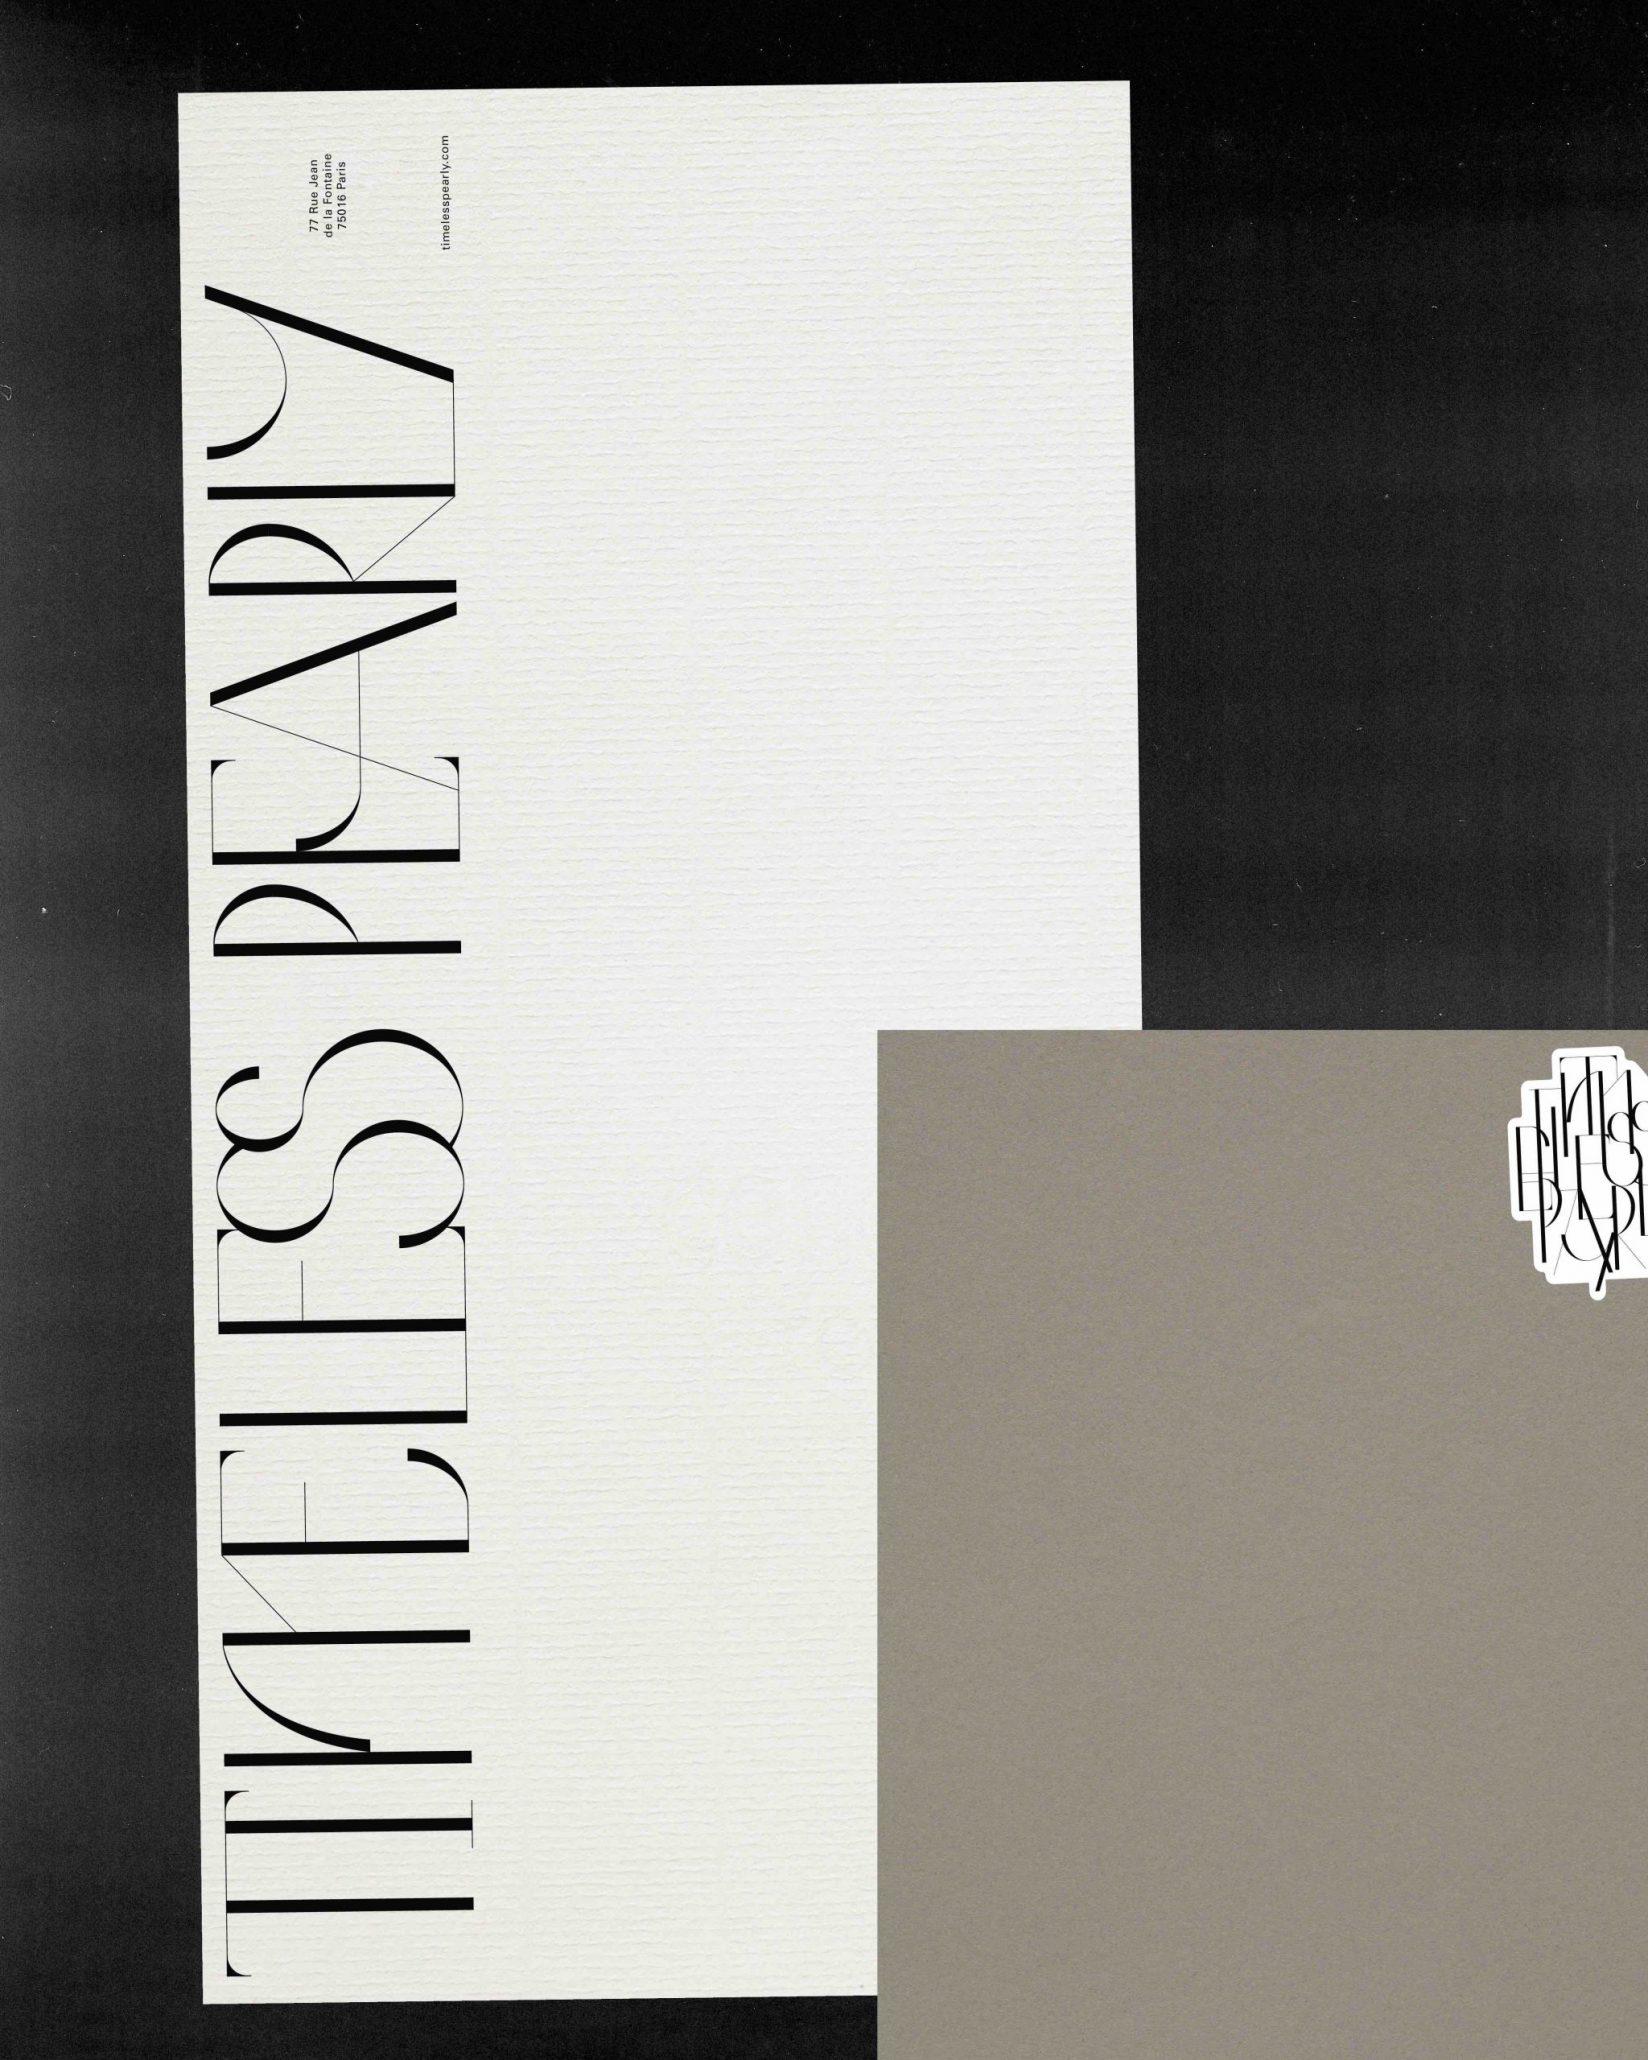 Timeless Pearly Stationary - Cárter Studio